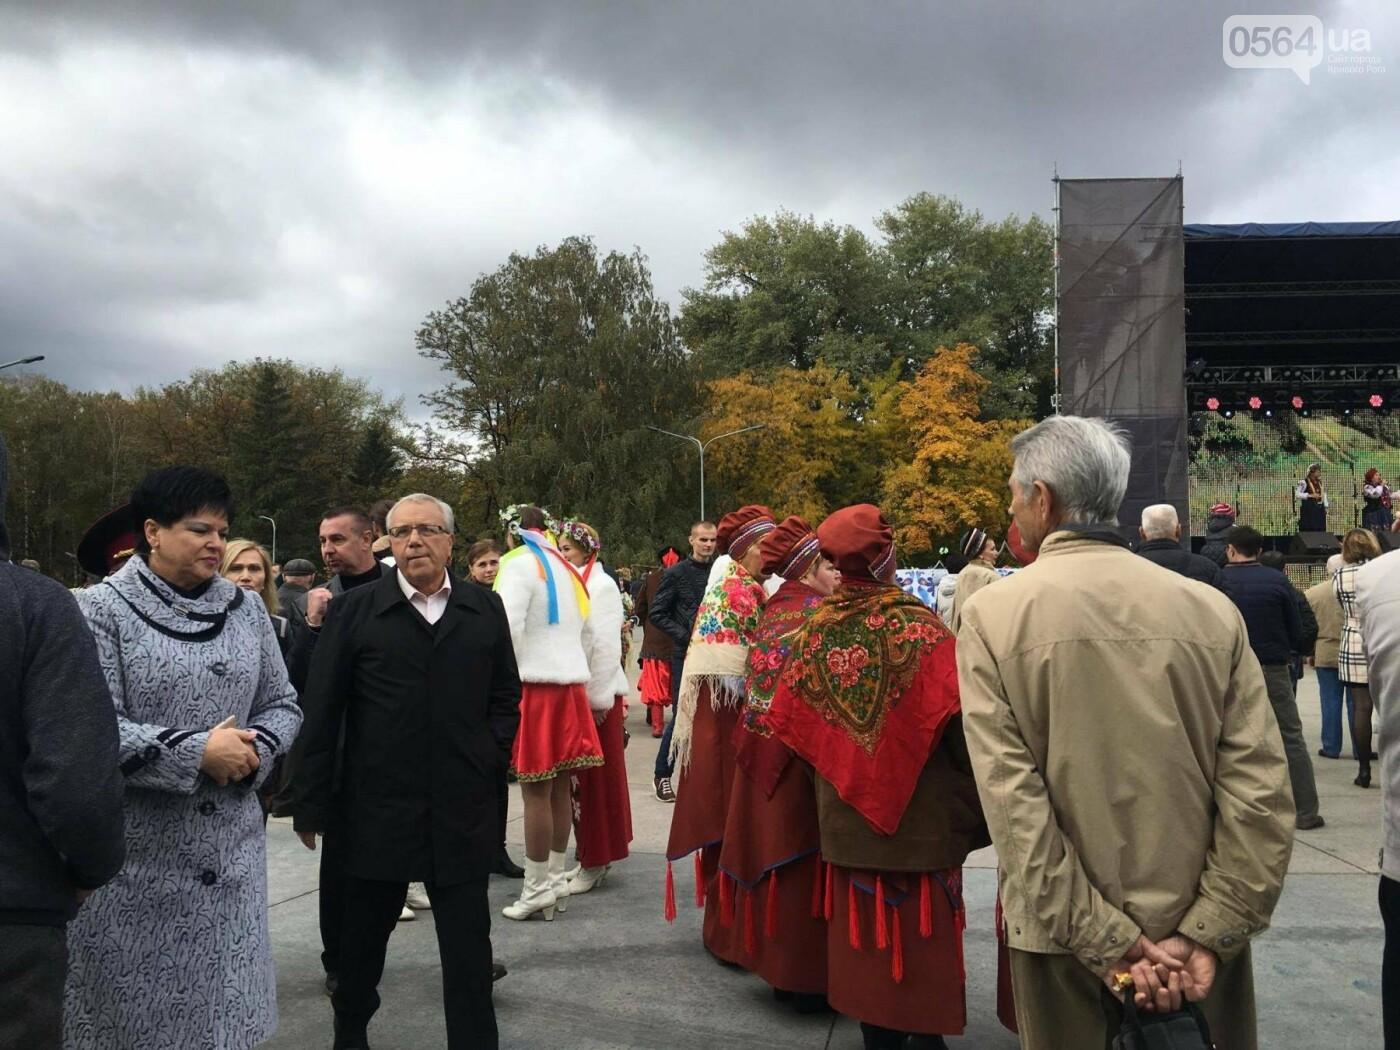 Тысячи криворожан отмечают День украинского козачества на Фестивале в парке Героев (ФОТО, ВИДЕО), фото-14